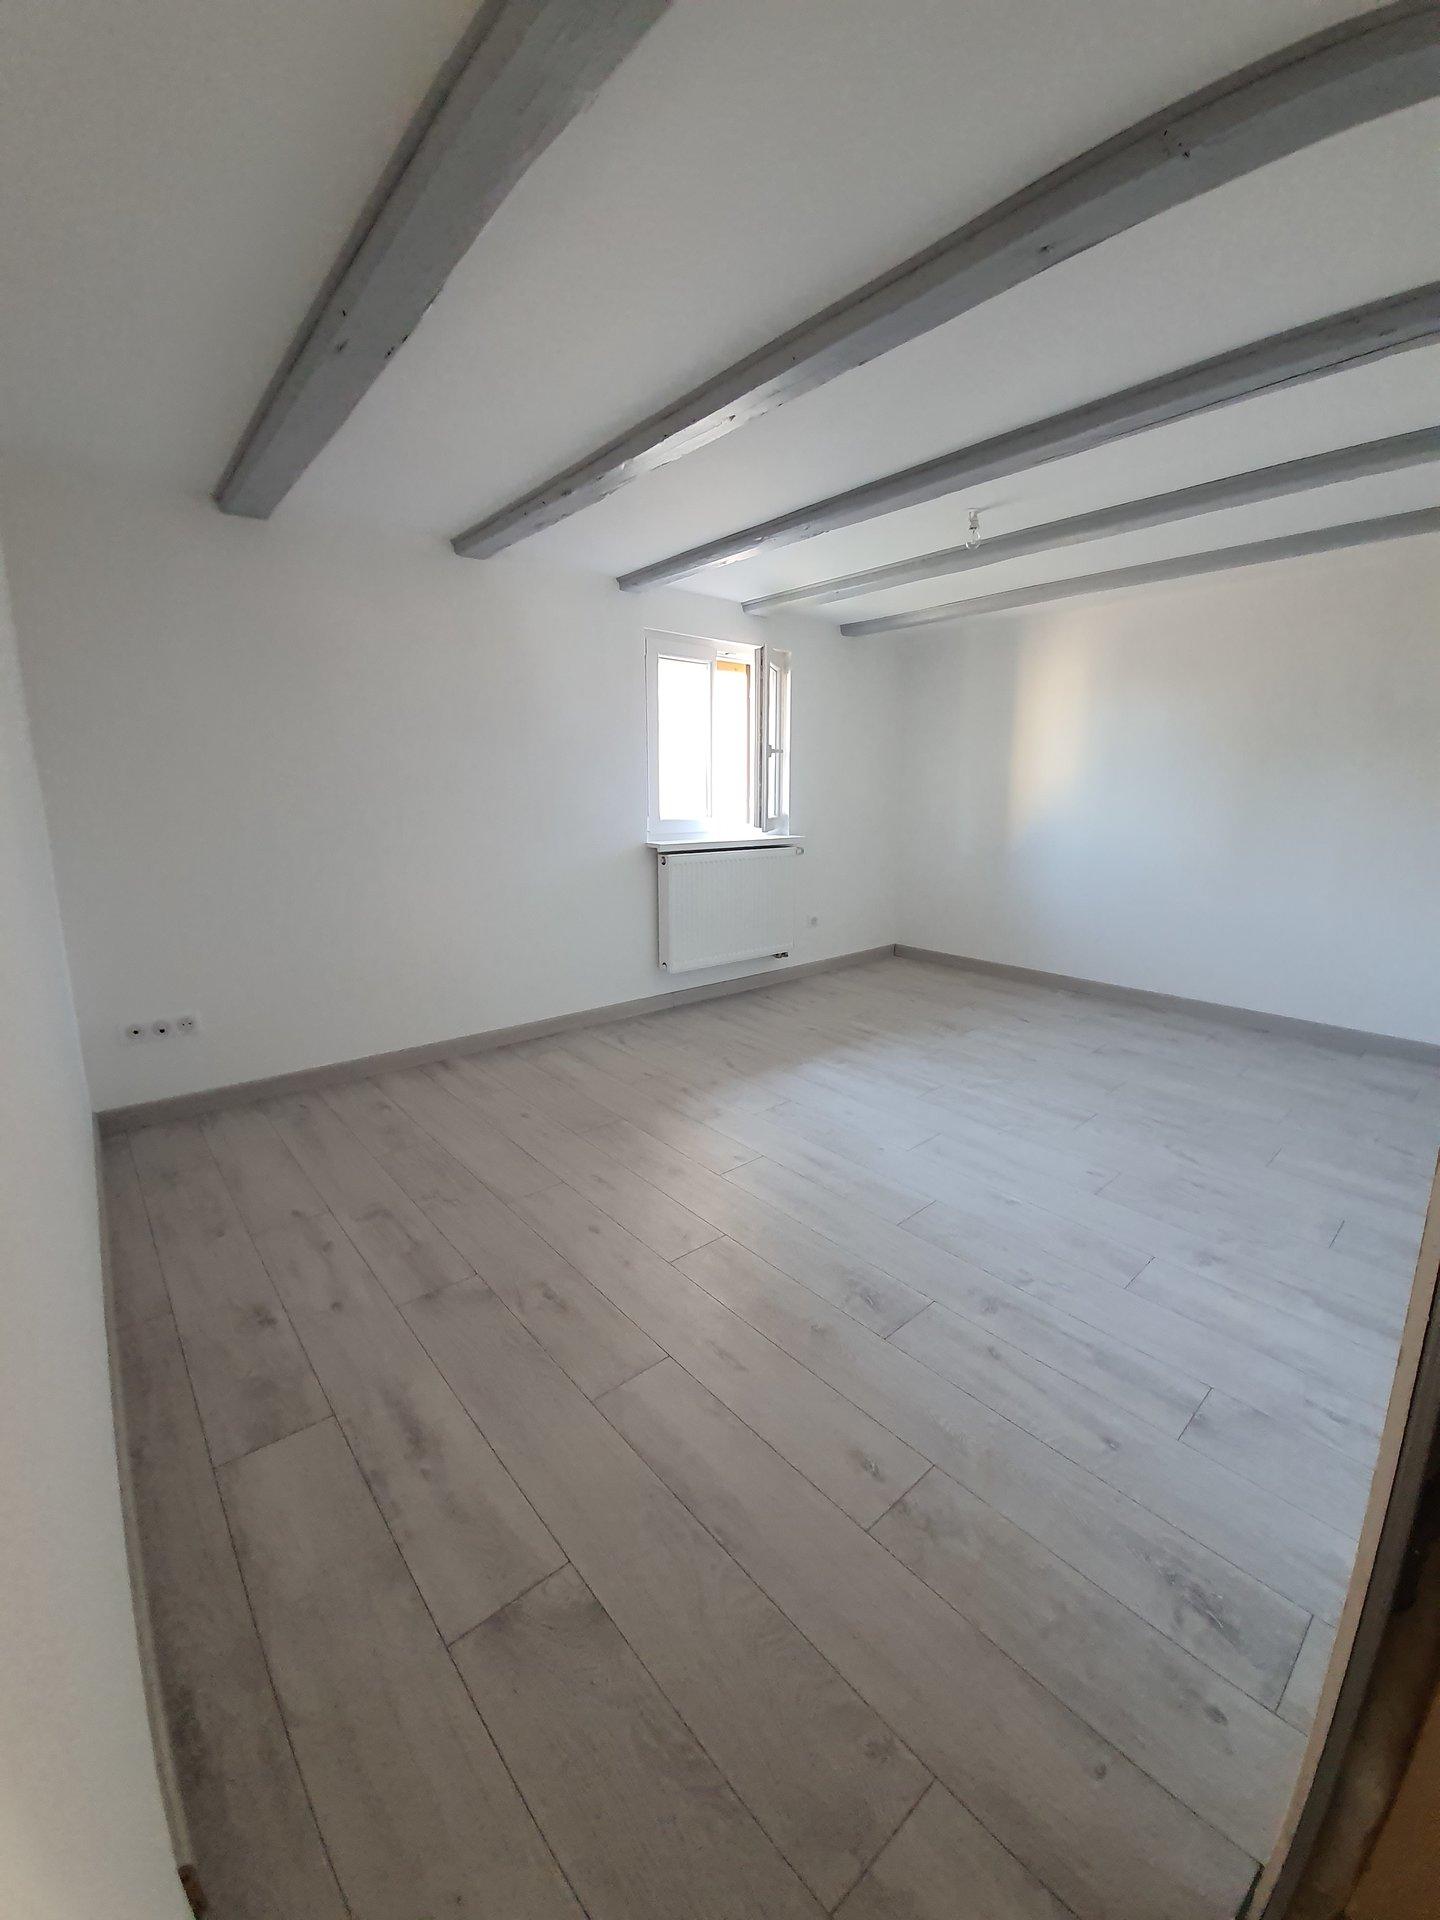 Furdenheim : Maison alsacienne rénovée  !!